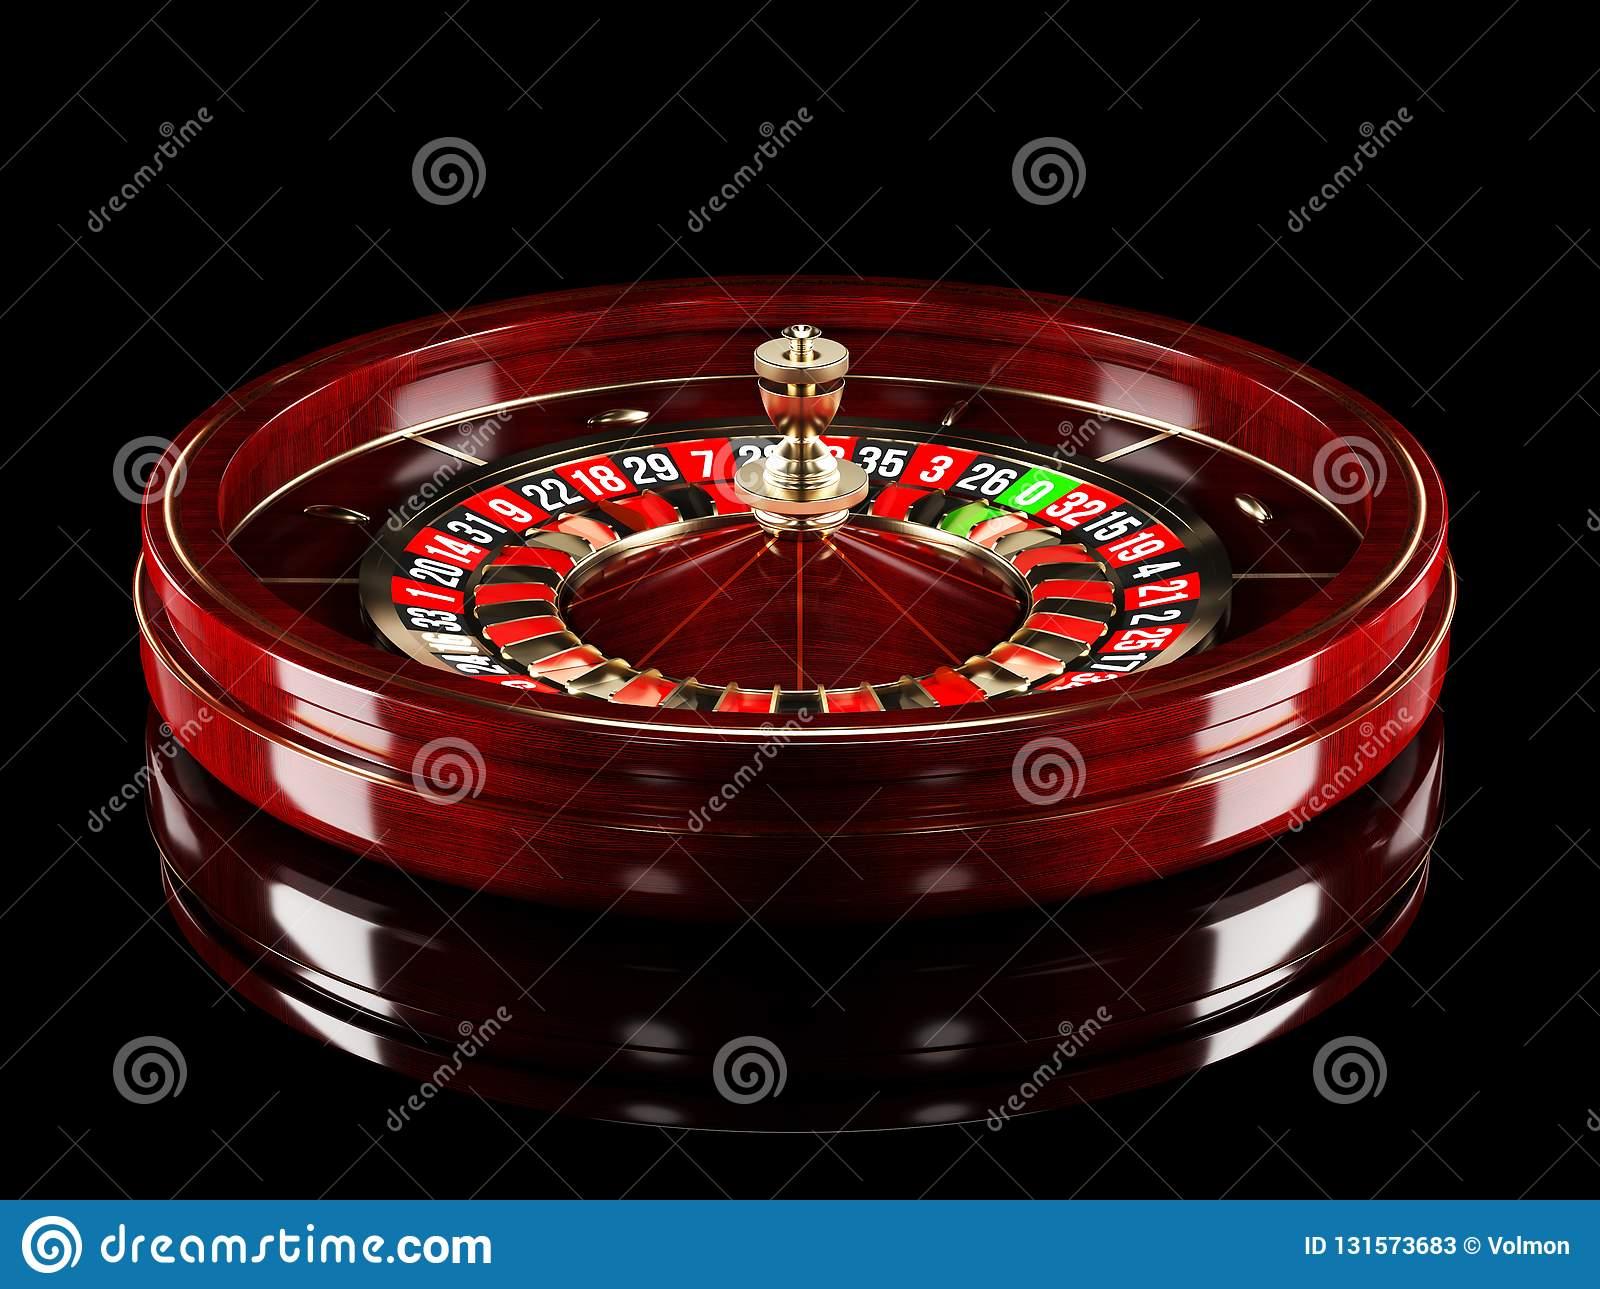 я в казино фортуне дань оставлю скачать песню